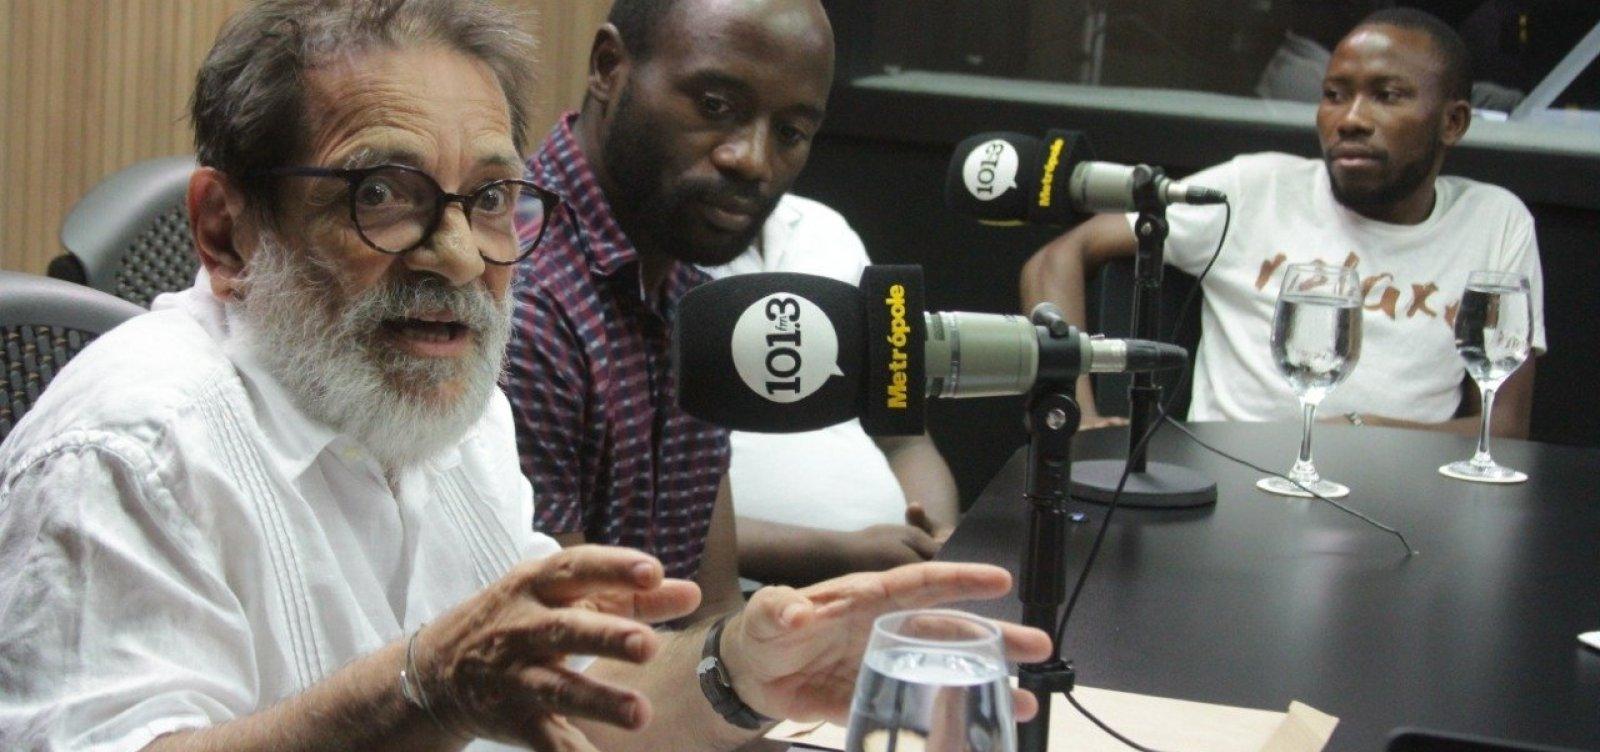 Ufba faz campanha para ajudar Moçambique; saiba como contribuir